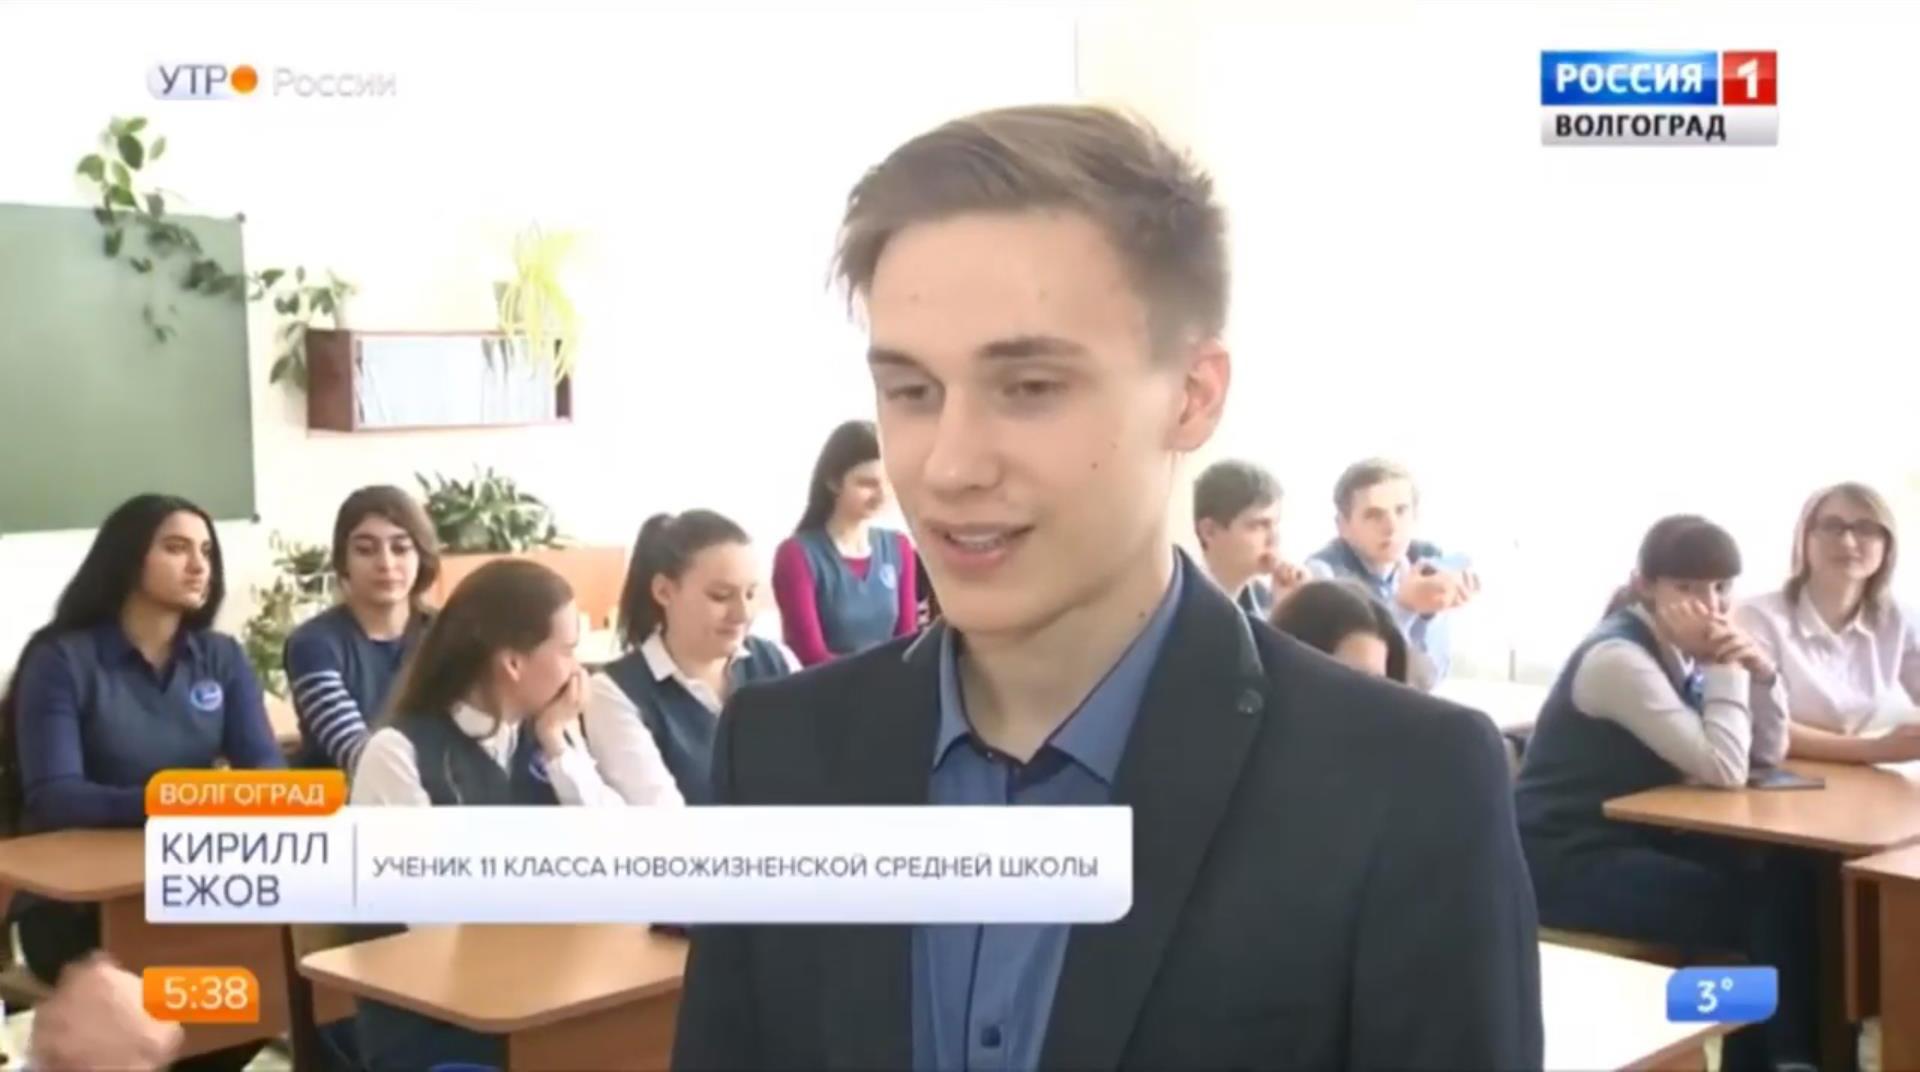 В новостном сюжете Кирилл рассказывал, как он готовится к чемпионату мира по футболу